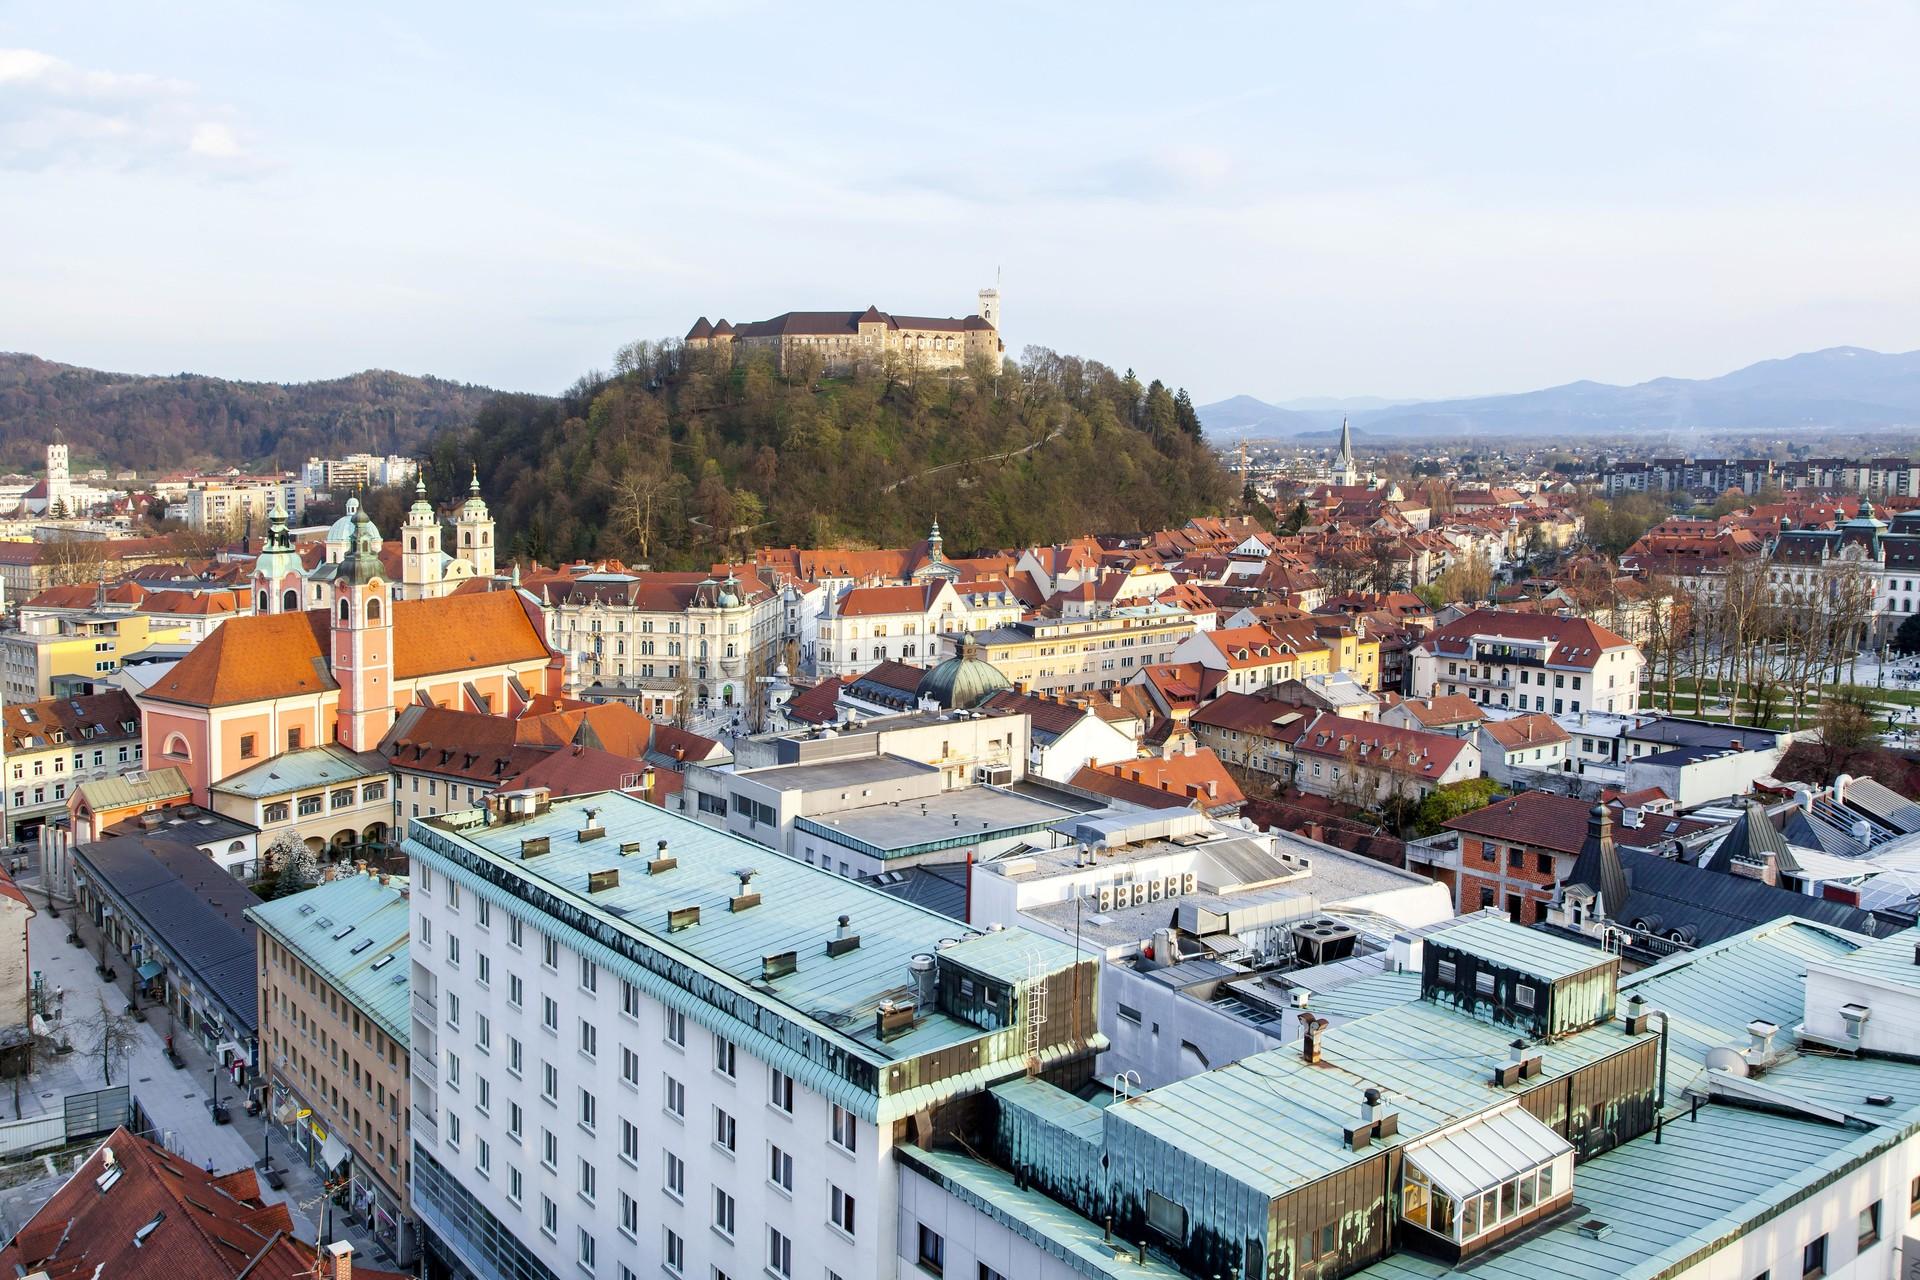 Ljubljana ustvari dober vtis že s svojim imenom, razmišlja pesnica.